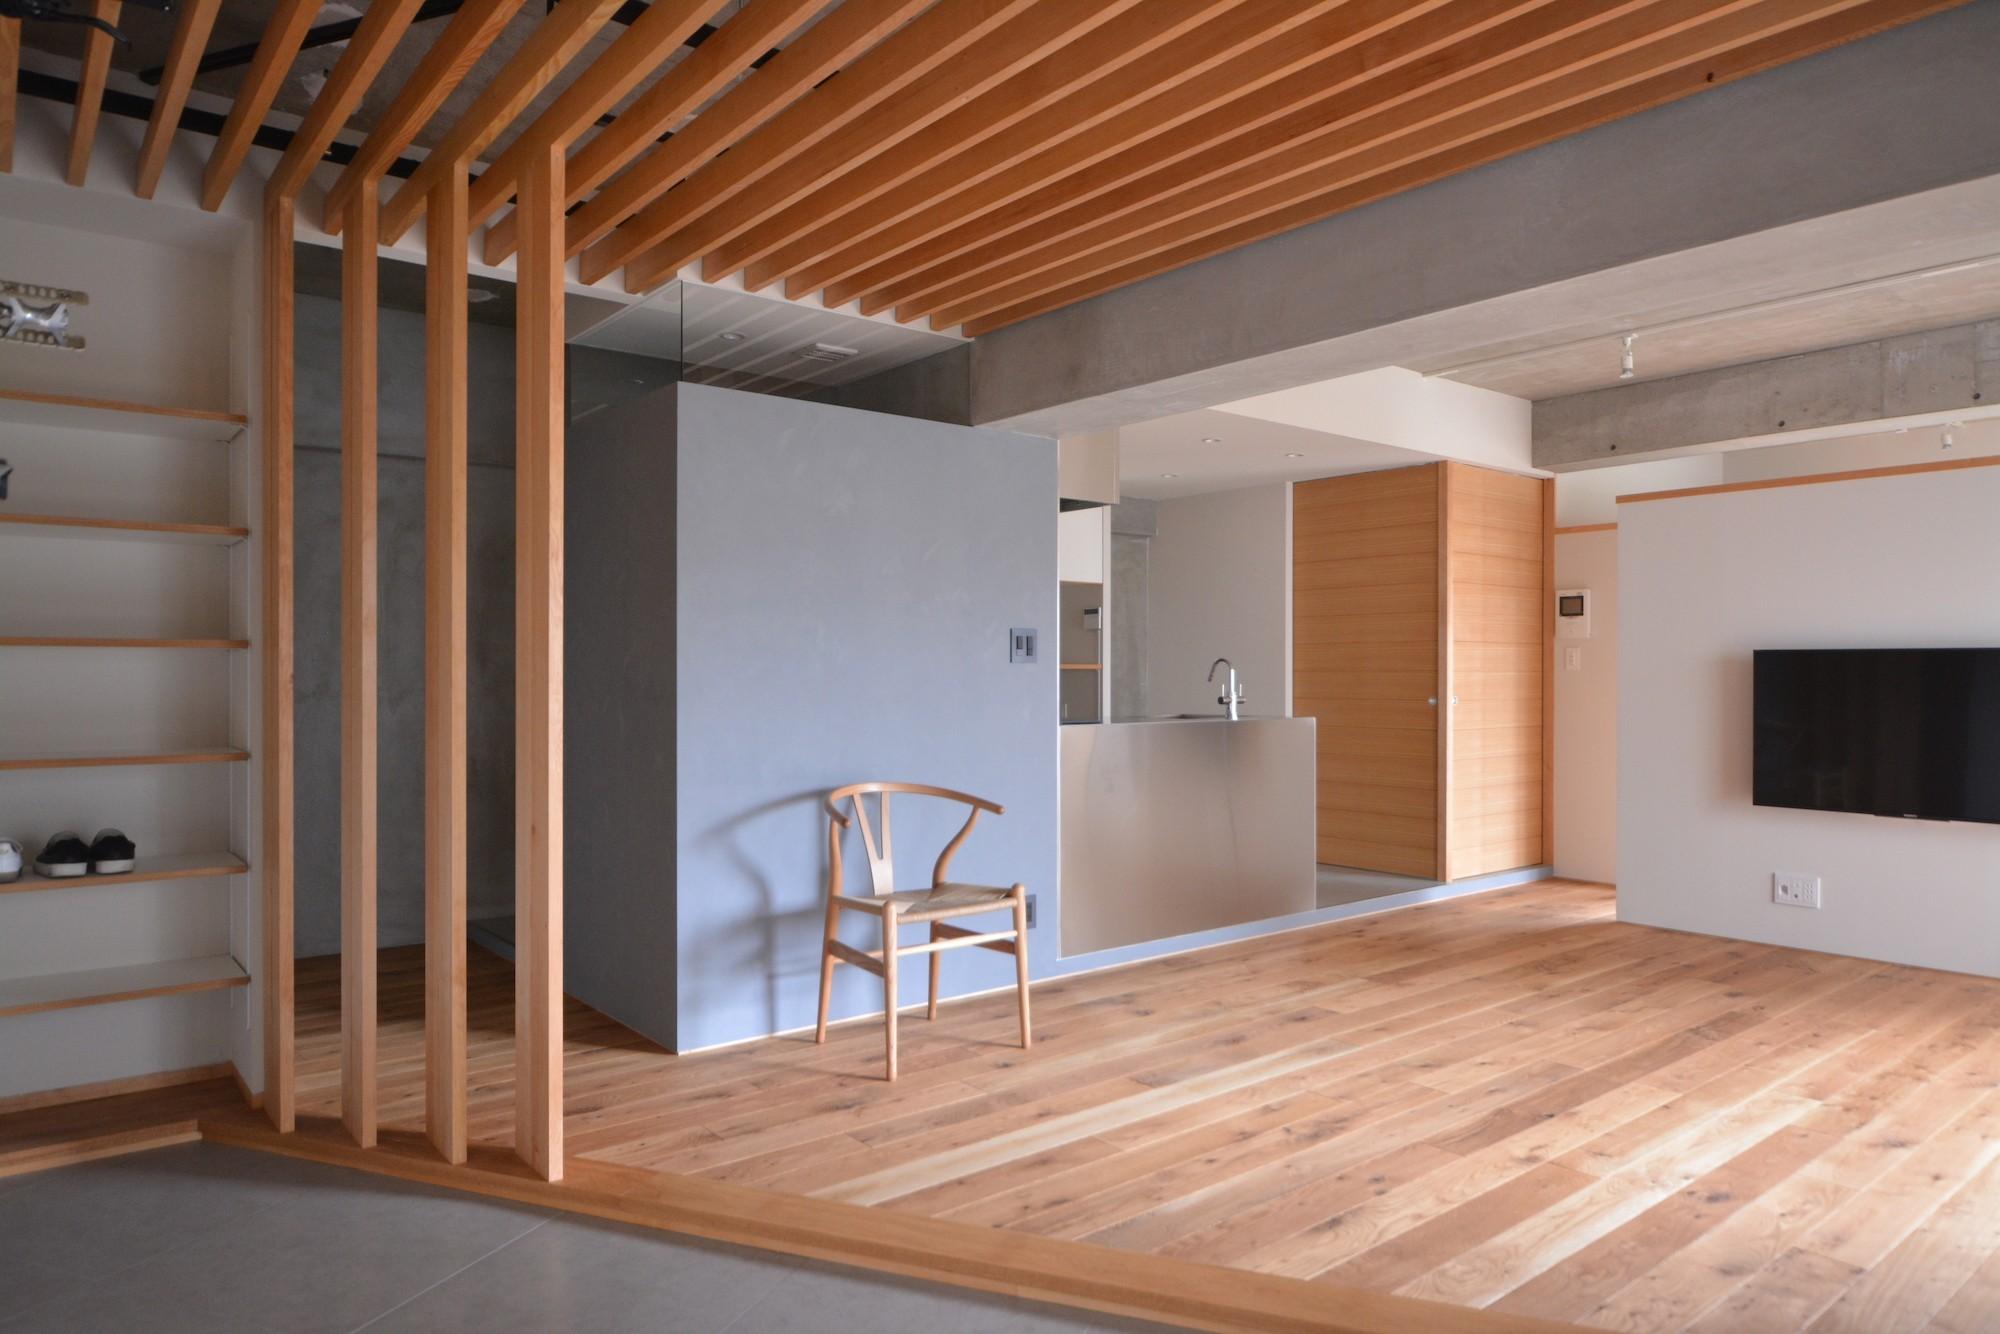 リビングダイニング事例:壁際に水回りが並ぶ。グレーの箱はトイレ。奥の木目の箱は洗面室とバスルーム。(調布市のWさんの家)